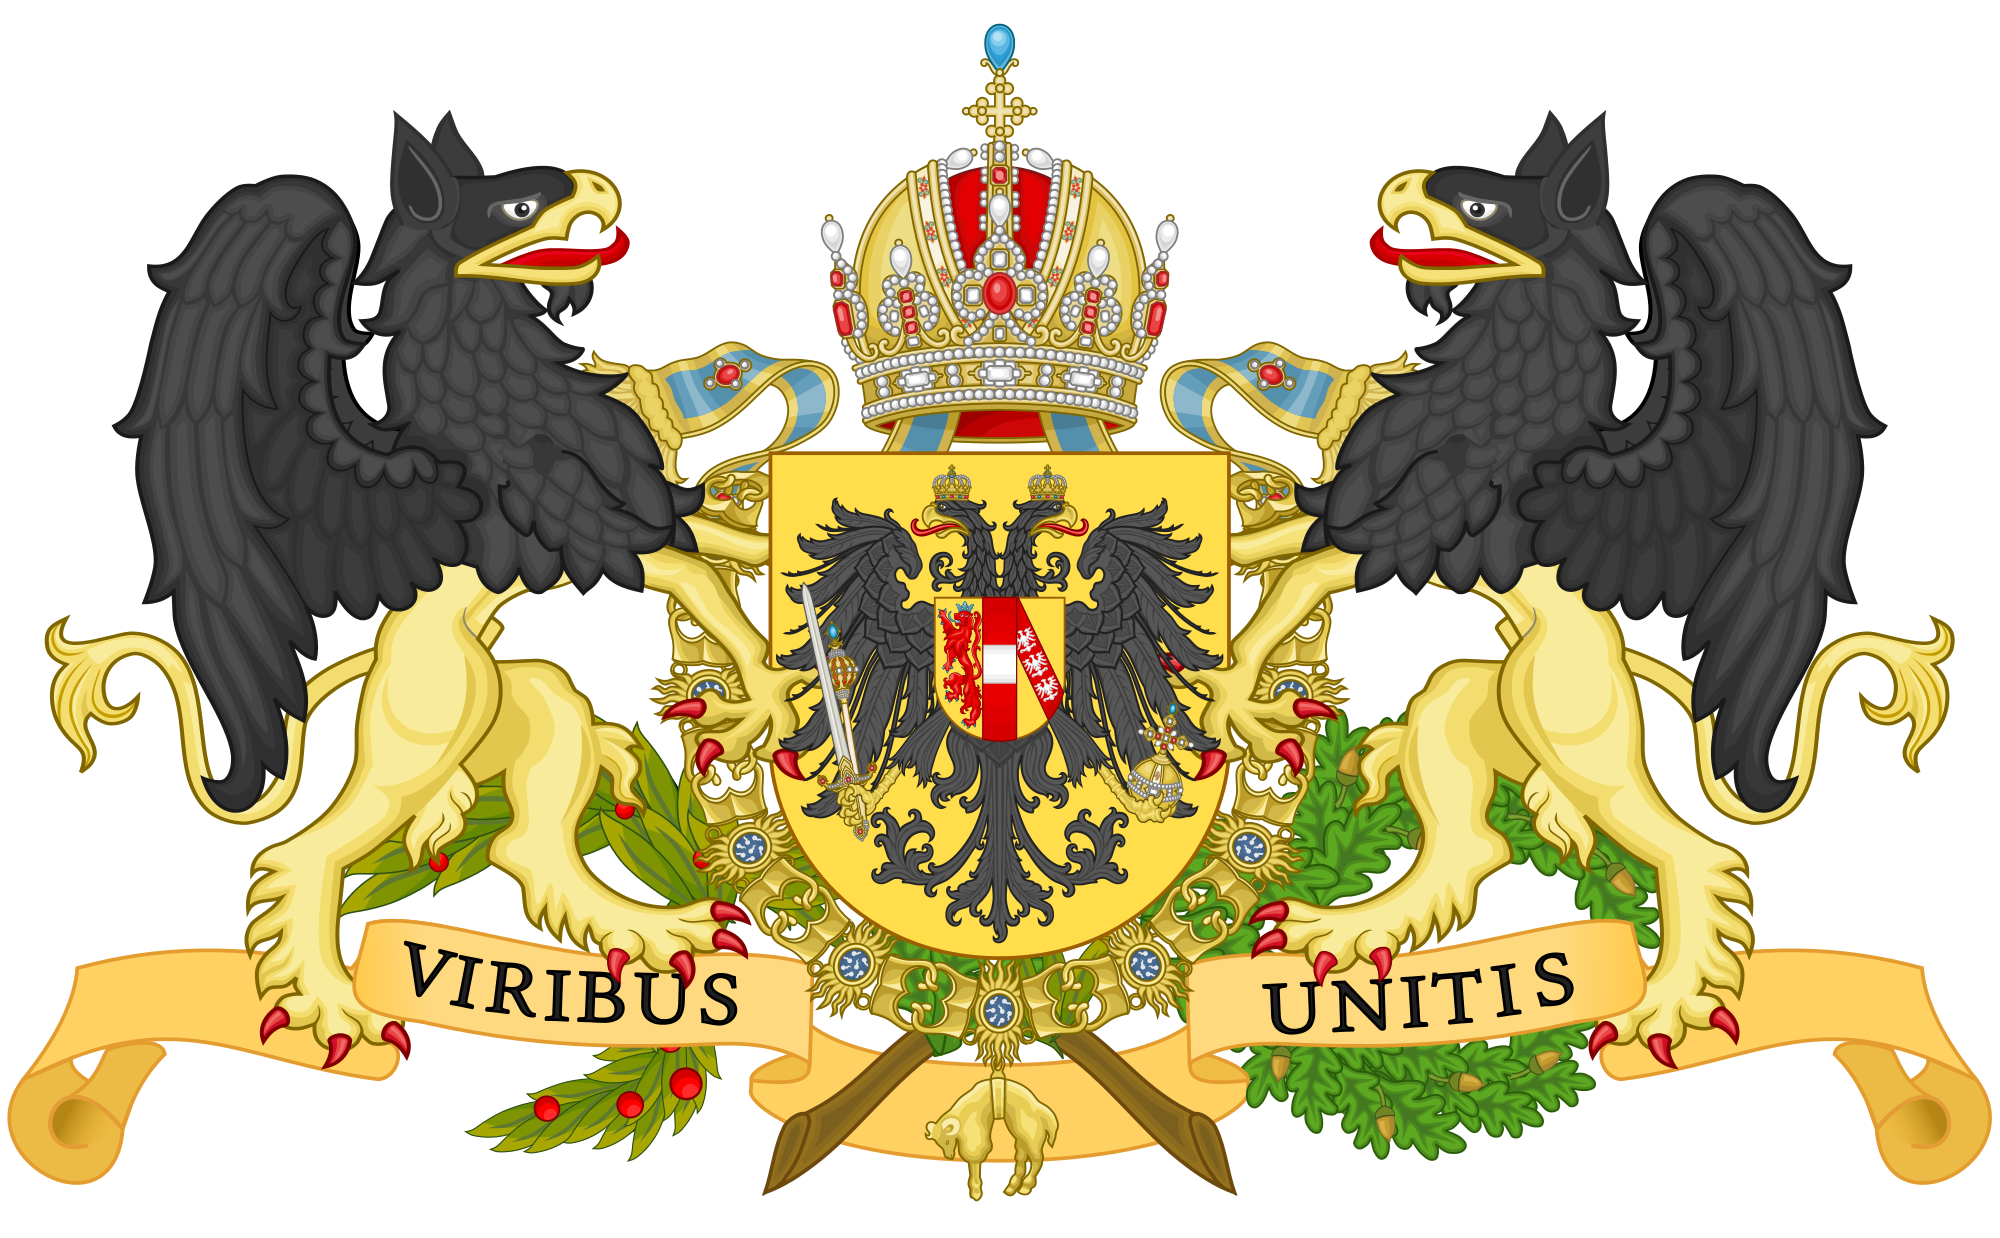 Σύμβολα καὶ οἰκόσημα...85 Αὐστρία